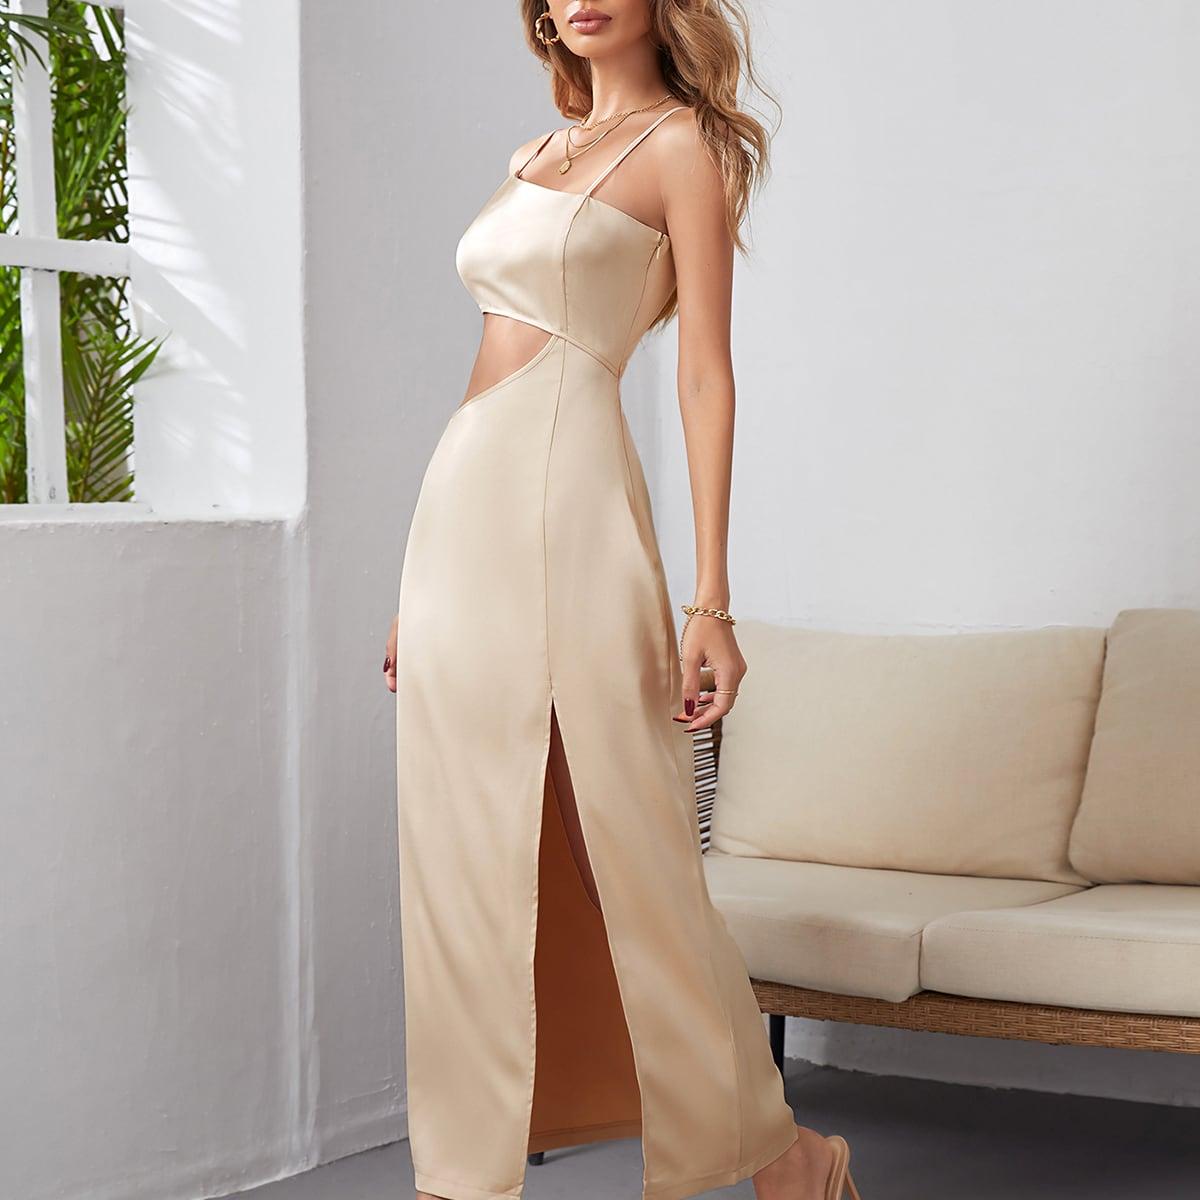 Платье на бретелях с разрезом высоким разрезом SheIn swdress44210520599